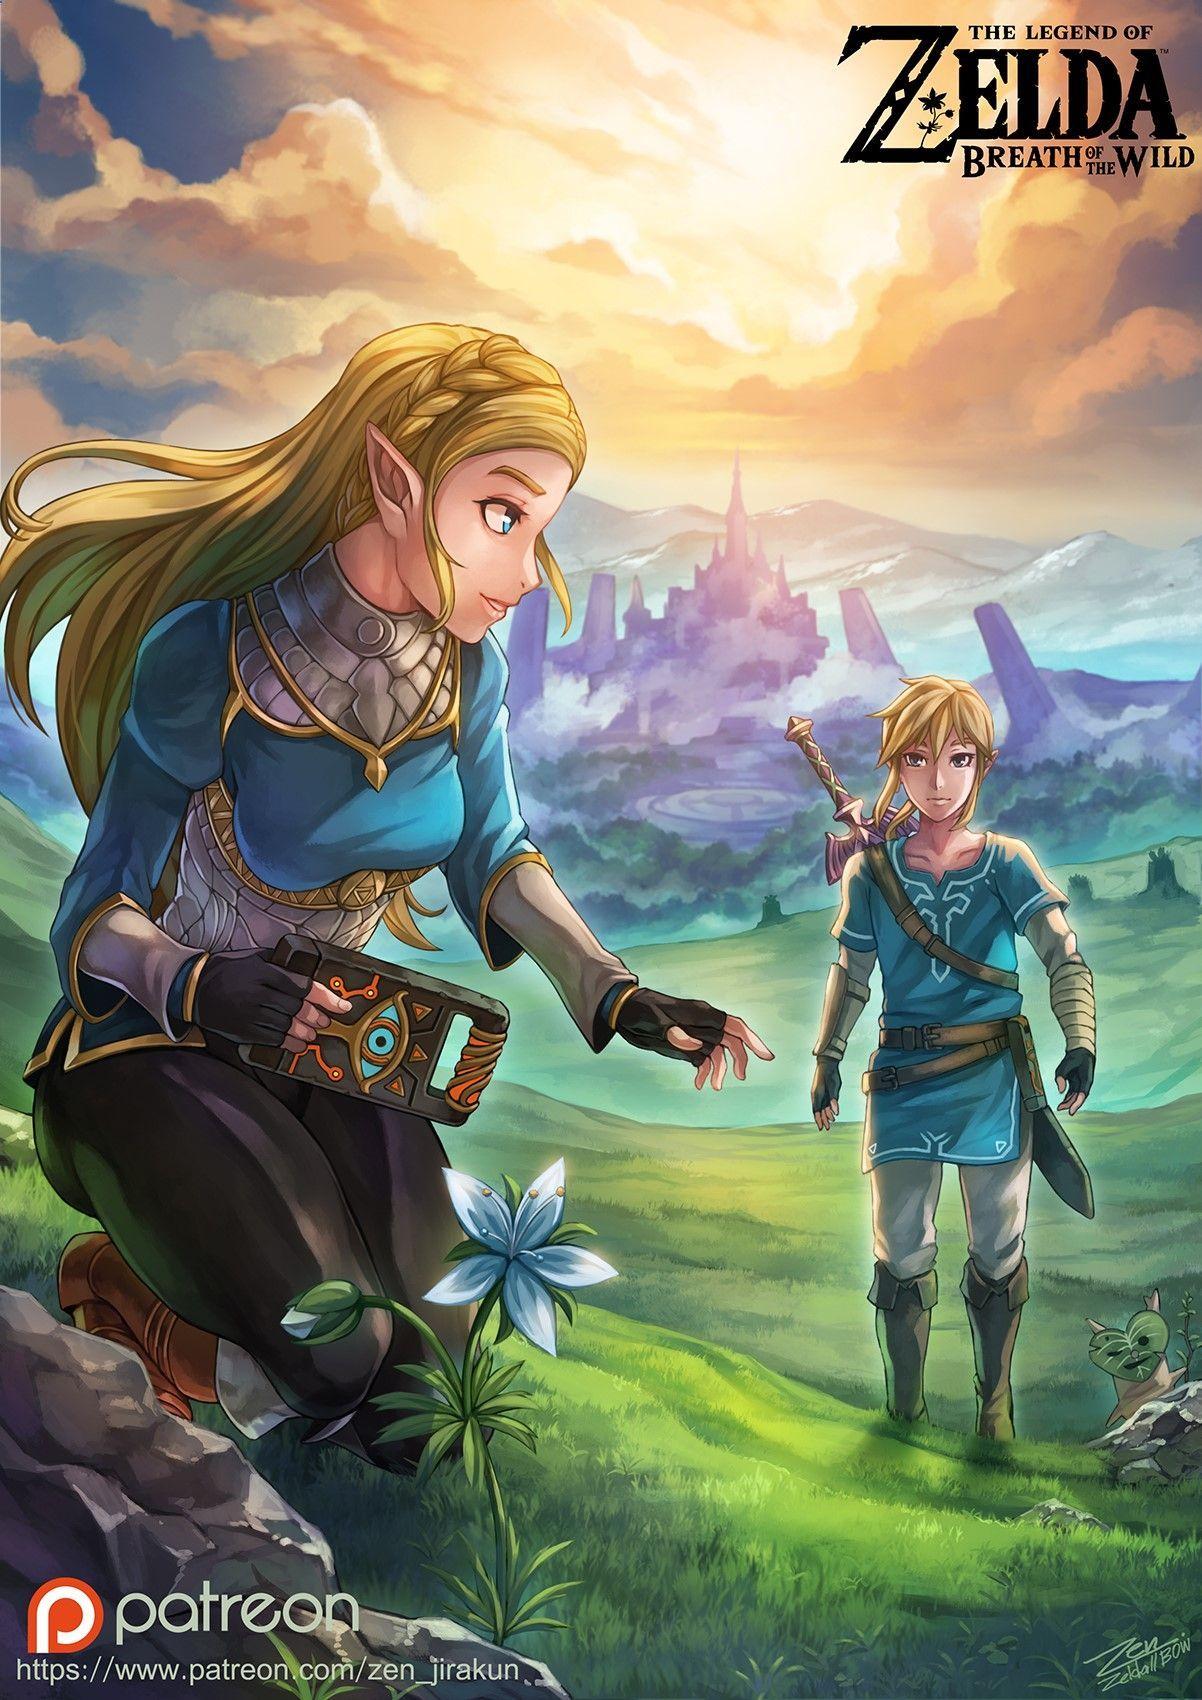 Zelda Breath Of The Wild Legend Of Zelda Legend Of Zelda